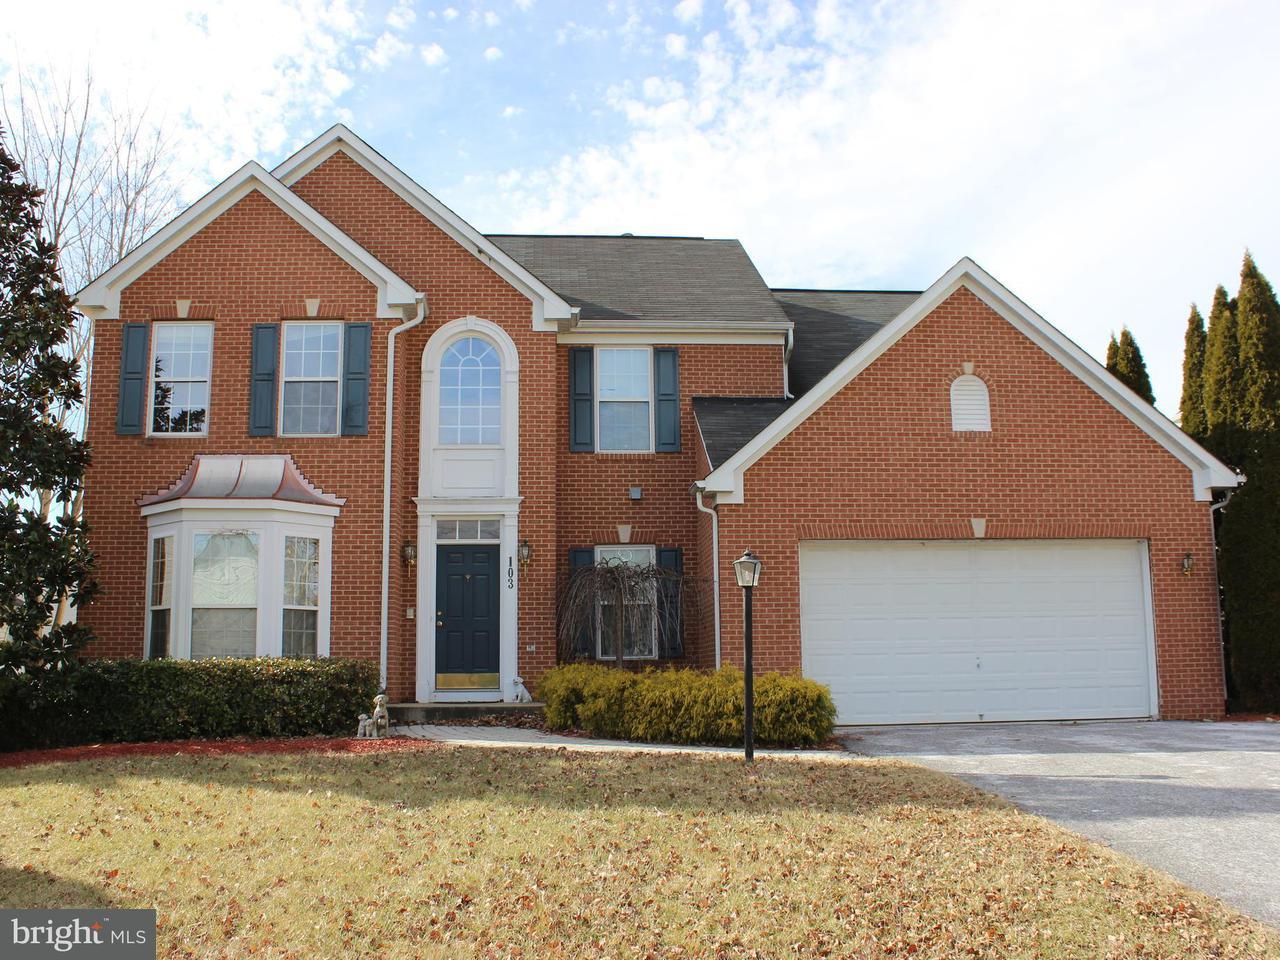 단독 가정 주택 용 매매 에 103 Phoenix Court 103 Phoenix Court Walkersville, 메릴랜드 21793 미국